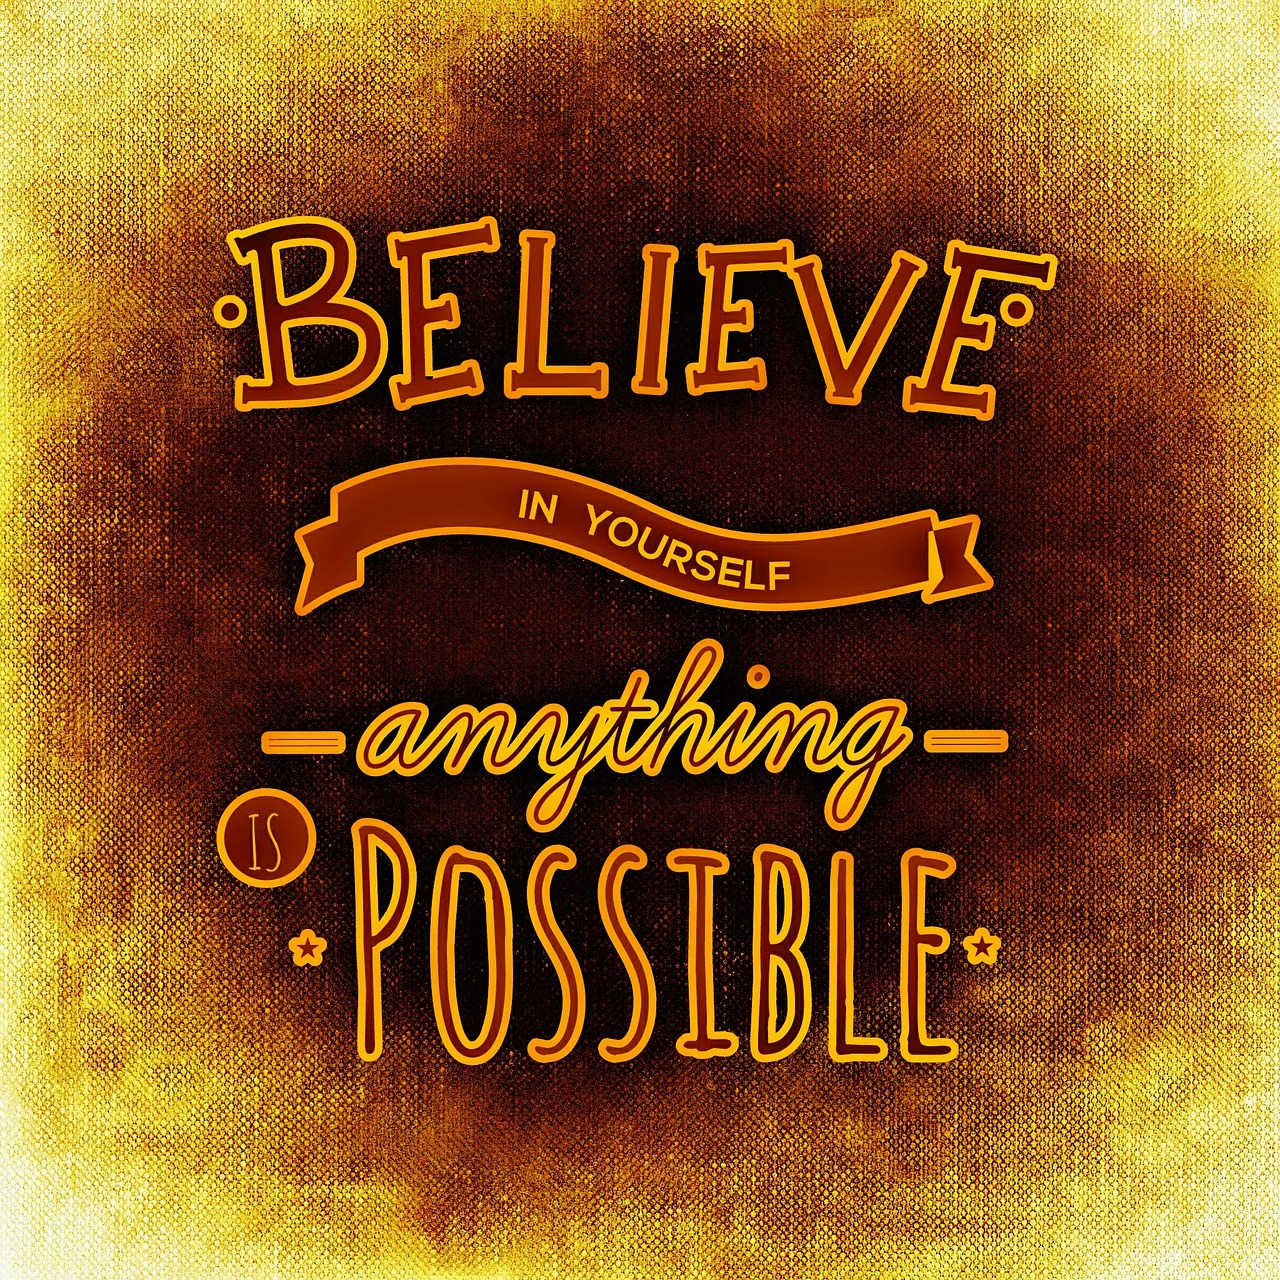 Fabulous Positief blijven helpt je verder! - Muziekstudio Legato PB05